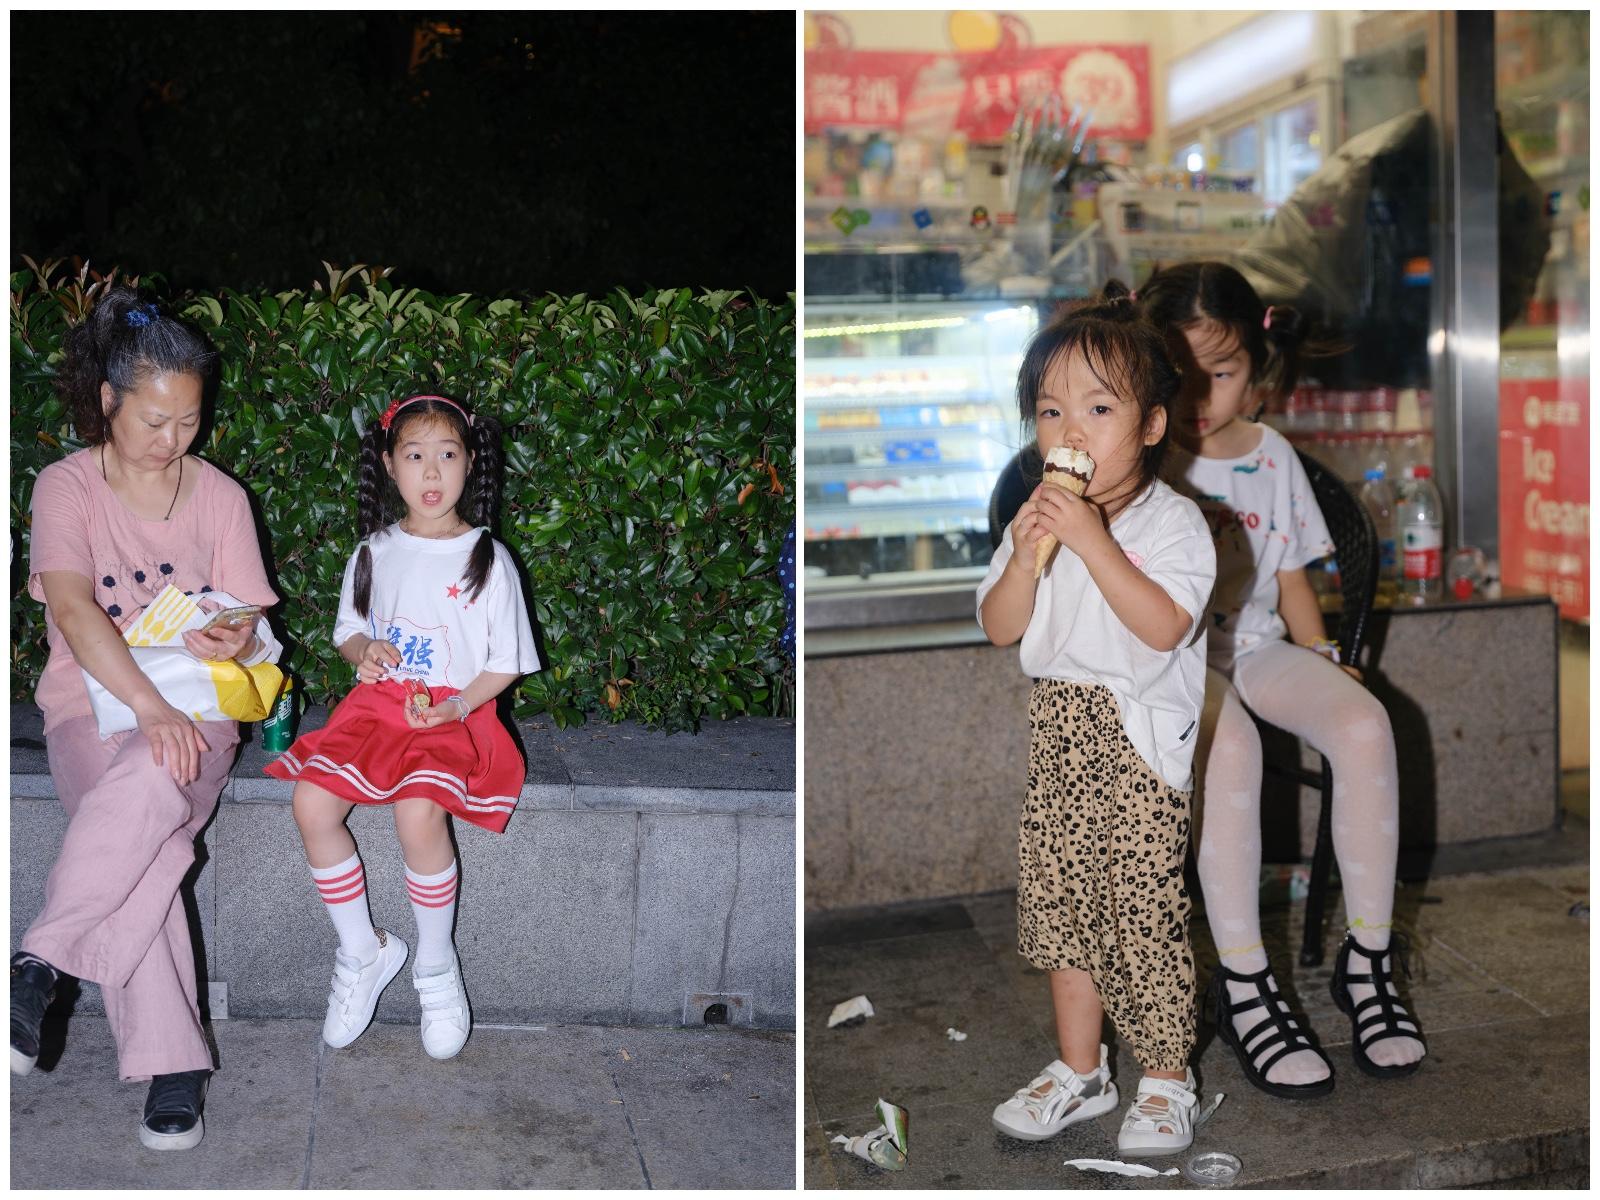 左:在外滩,等待观看灯光秀的孩子;右:灯光秀散场后,豫园附近便利店外的孩子。